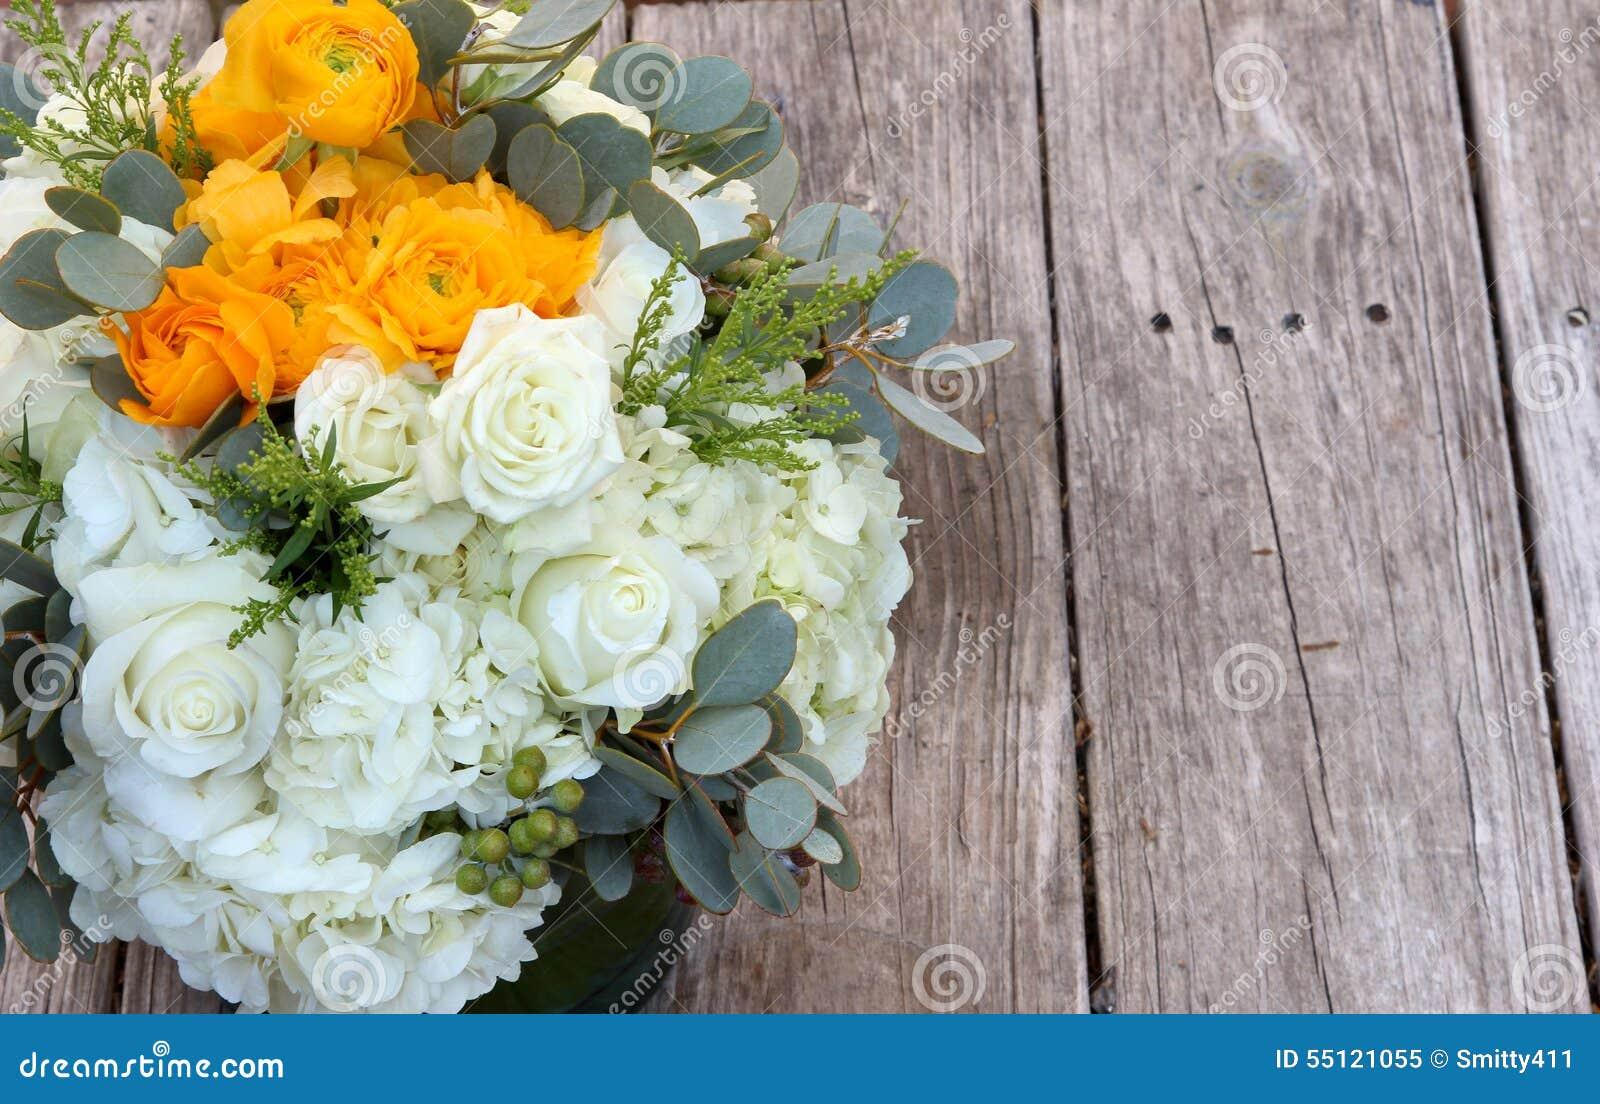 bouquet de mariage des fleurs blanches et oranges photo. Black Bedroom Furniture Sets. Home Design Ideas